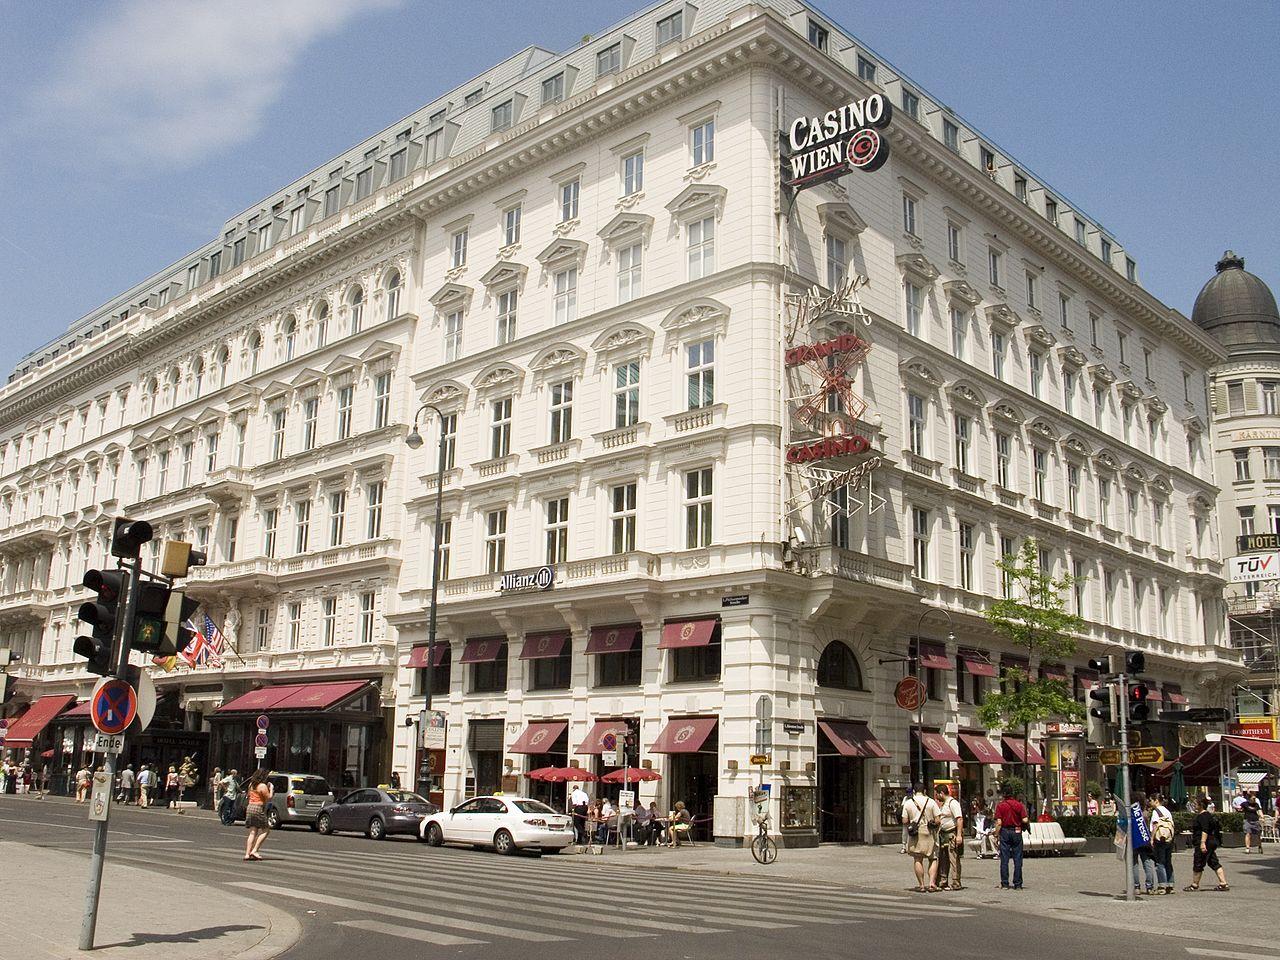 File:Casino Wien.jpg